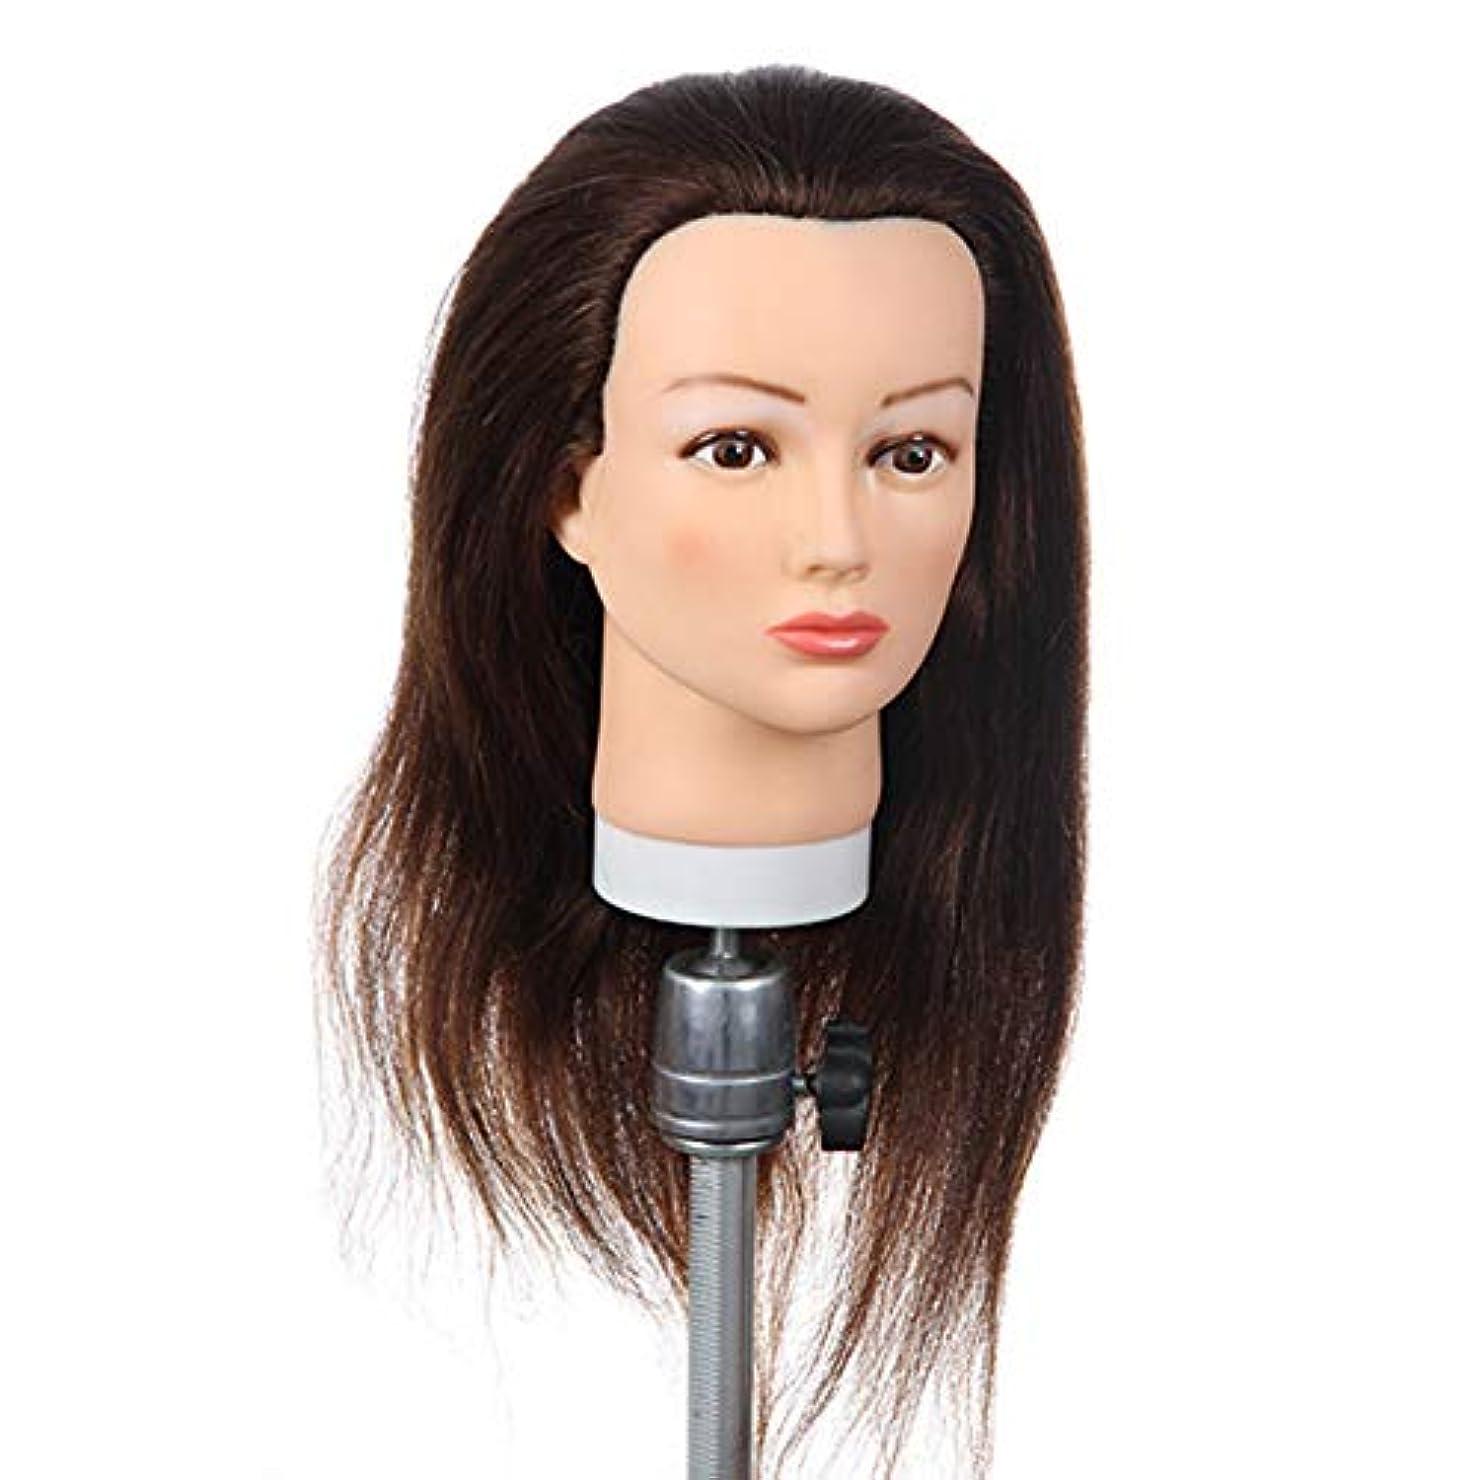 パックトークモッキンバード理髪店理髪練習ヘッドパーマ髪染め髪ダミーヘッド花嫁メイクスタイリング編組マネキンヘッド